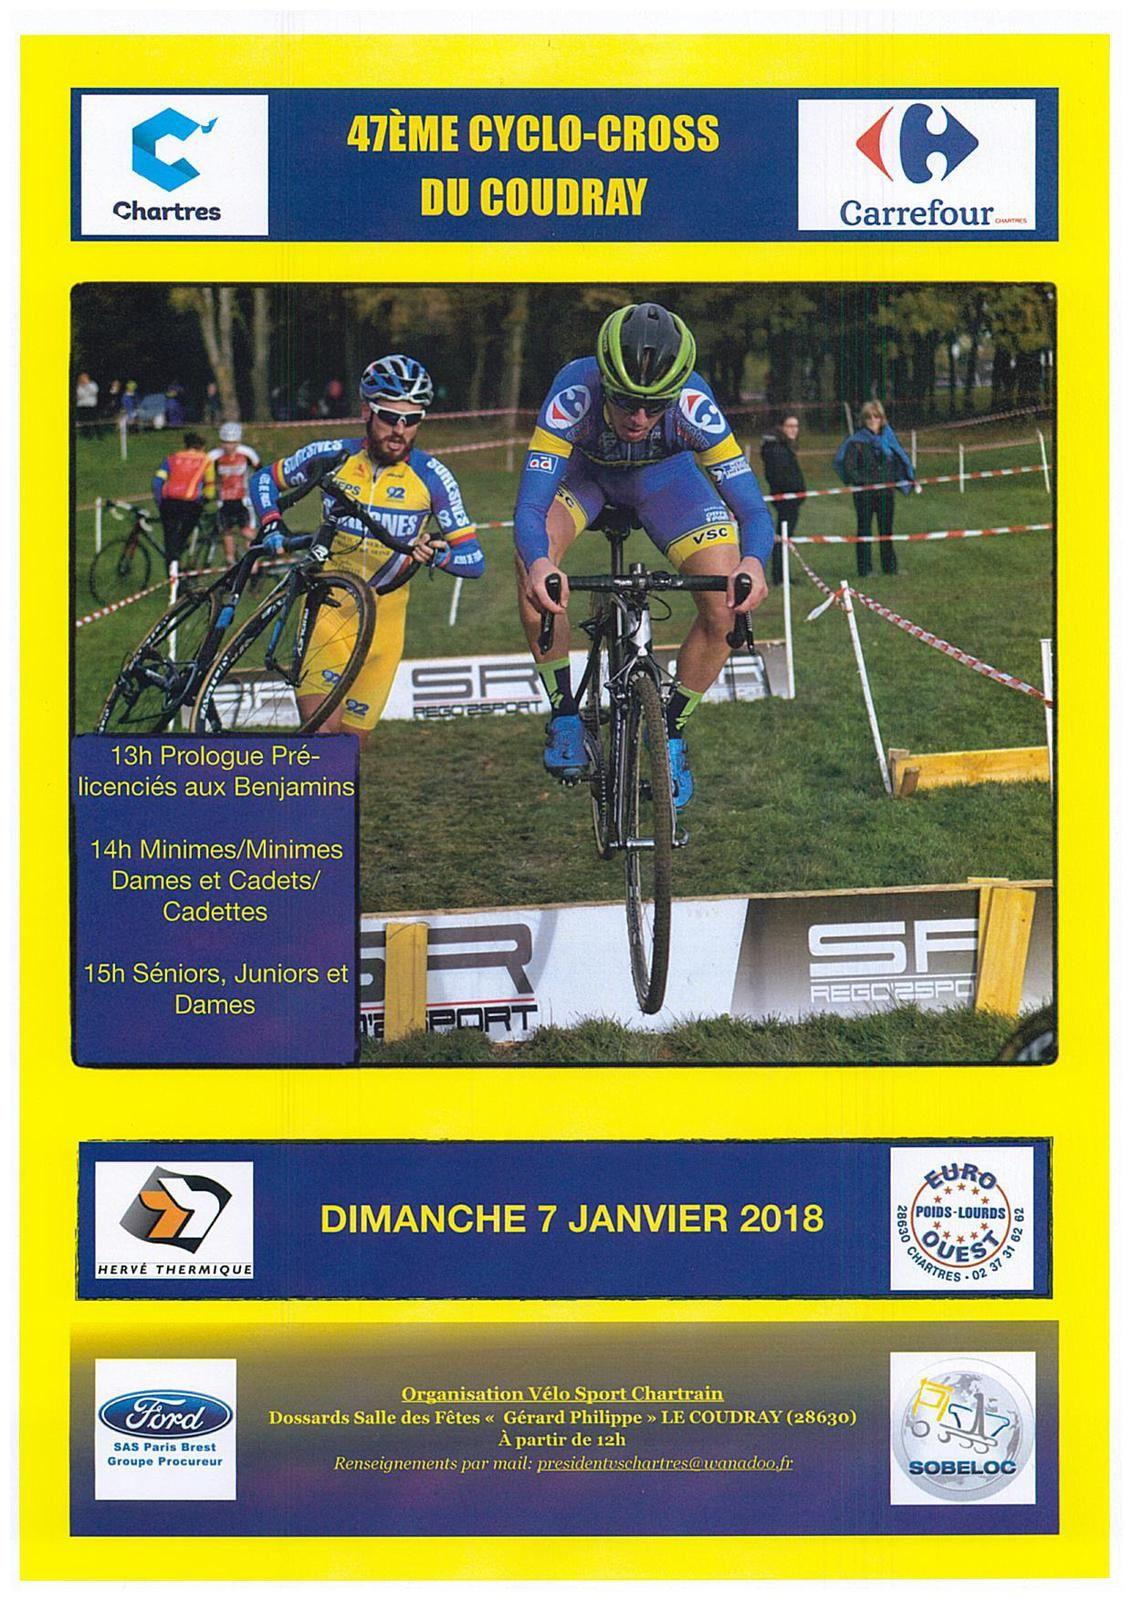 Cyclo-cross du Coudray le 7 janvier 2018